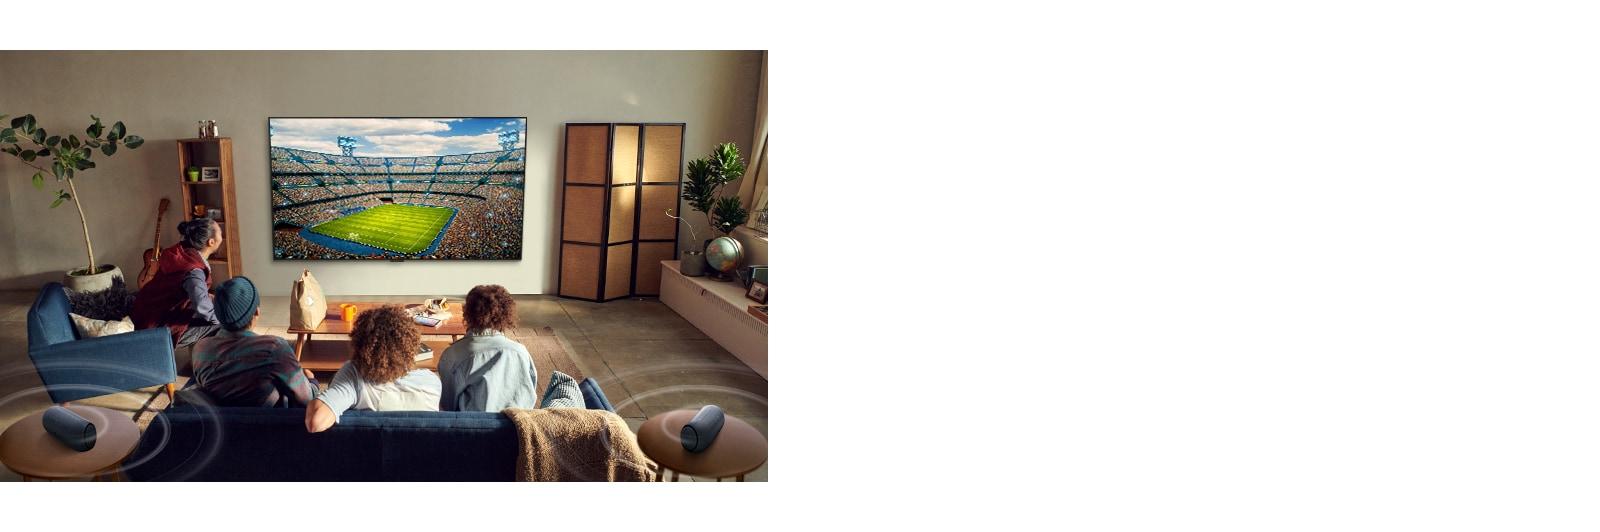 Люди смотрят спортивную игру в гостиной с помощью подключенных через Bluetooth тыловых колонок